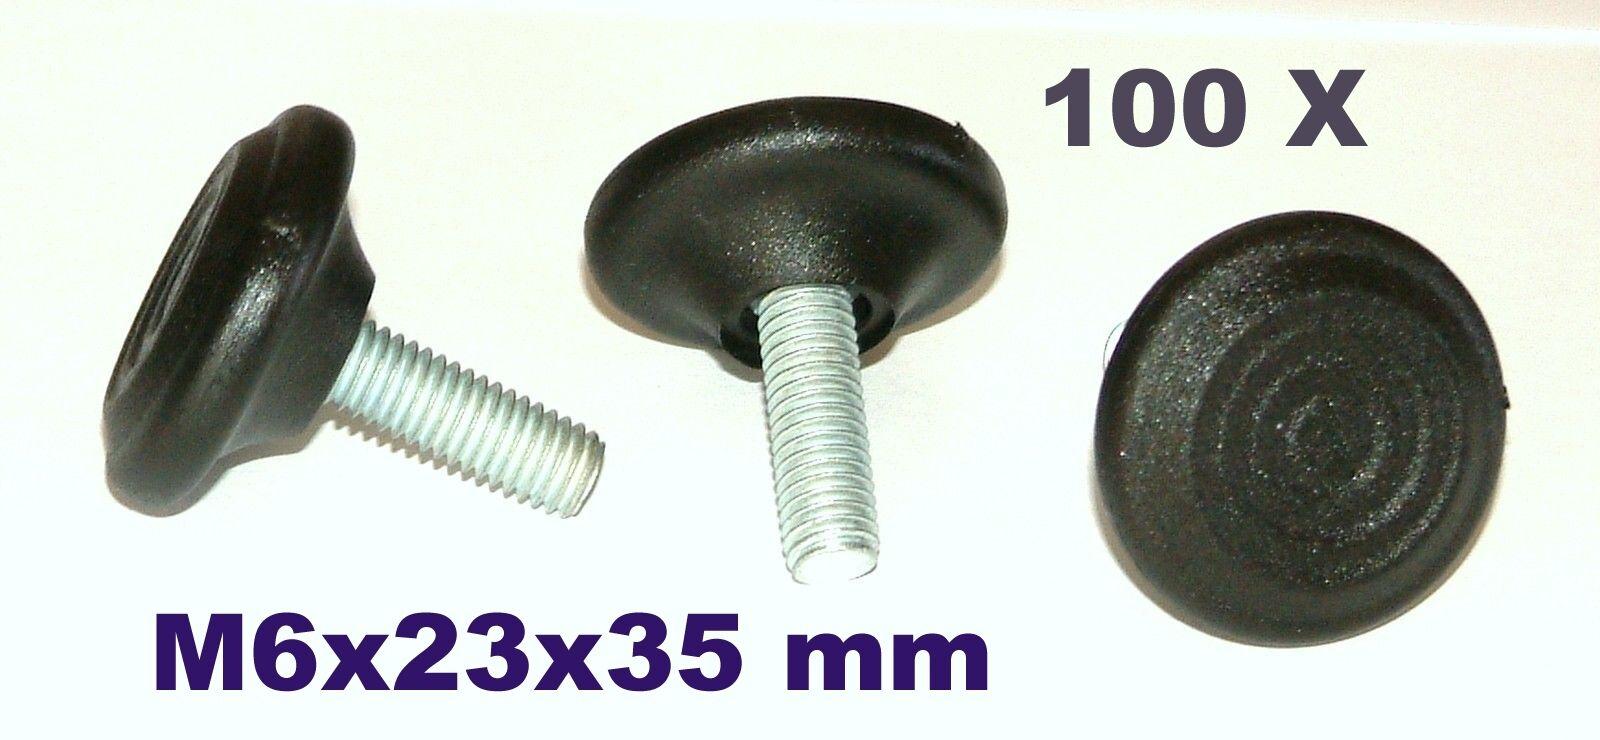 100x M6x23x35 mm Verstellfußschraube Möbelfuß Stellschraube Stellteller Stellfuß